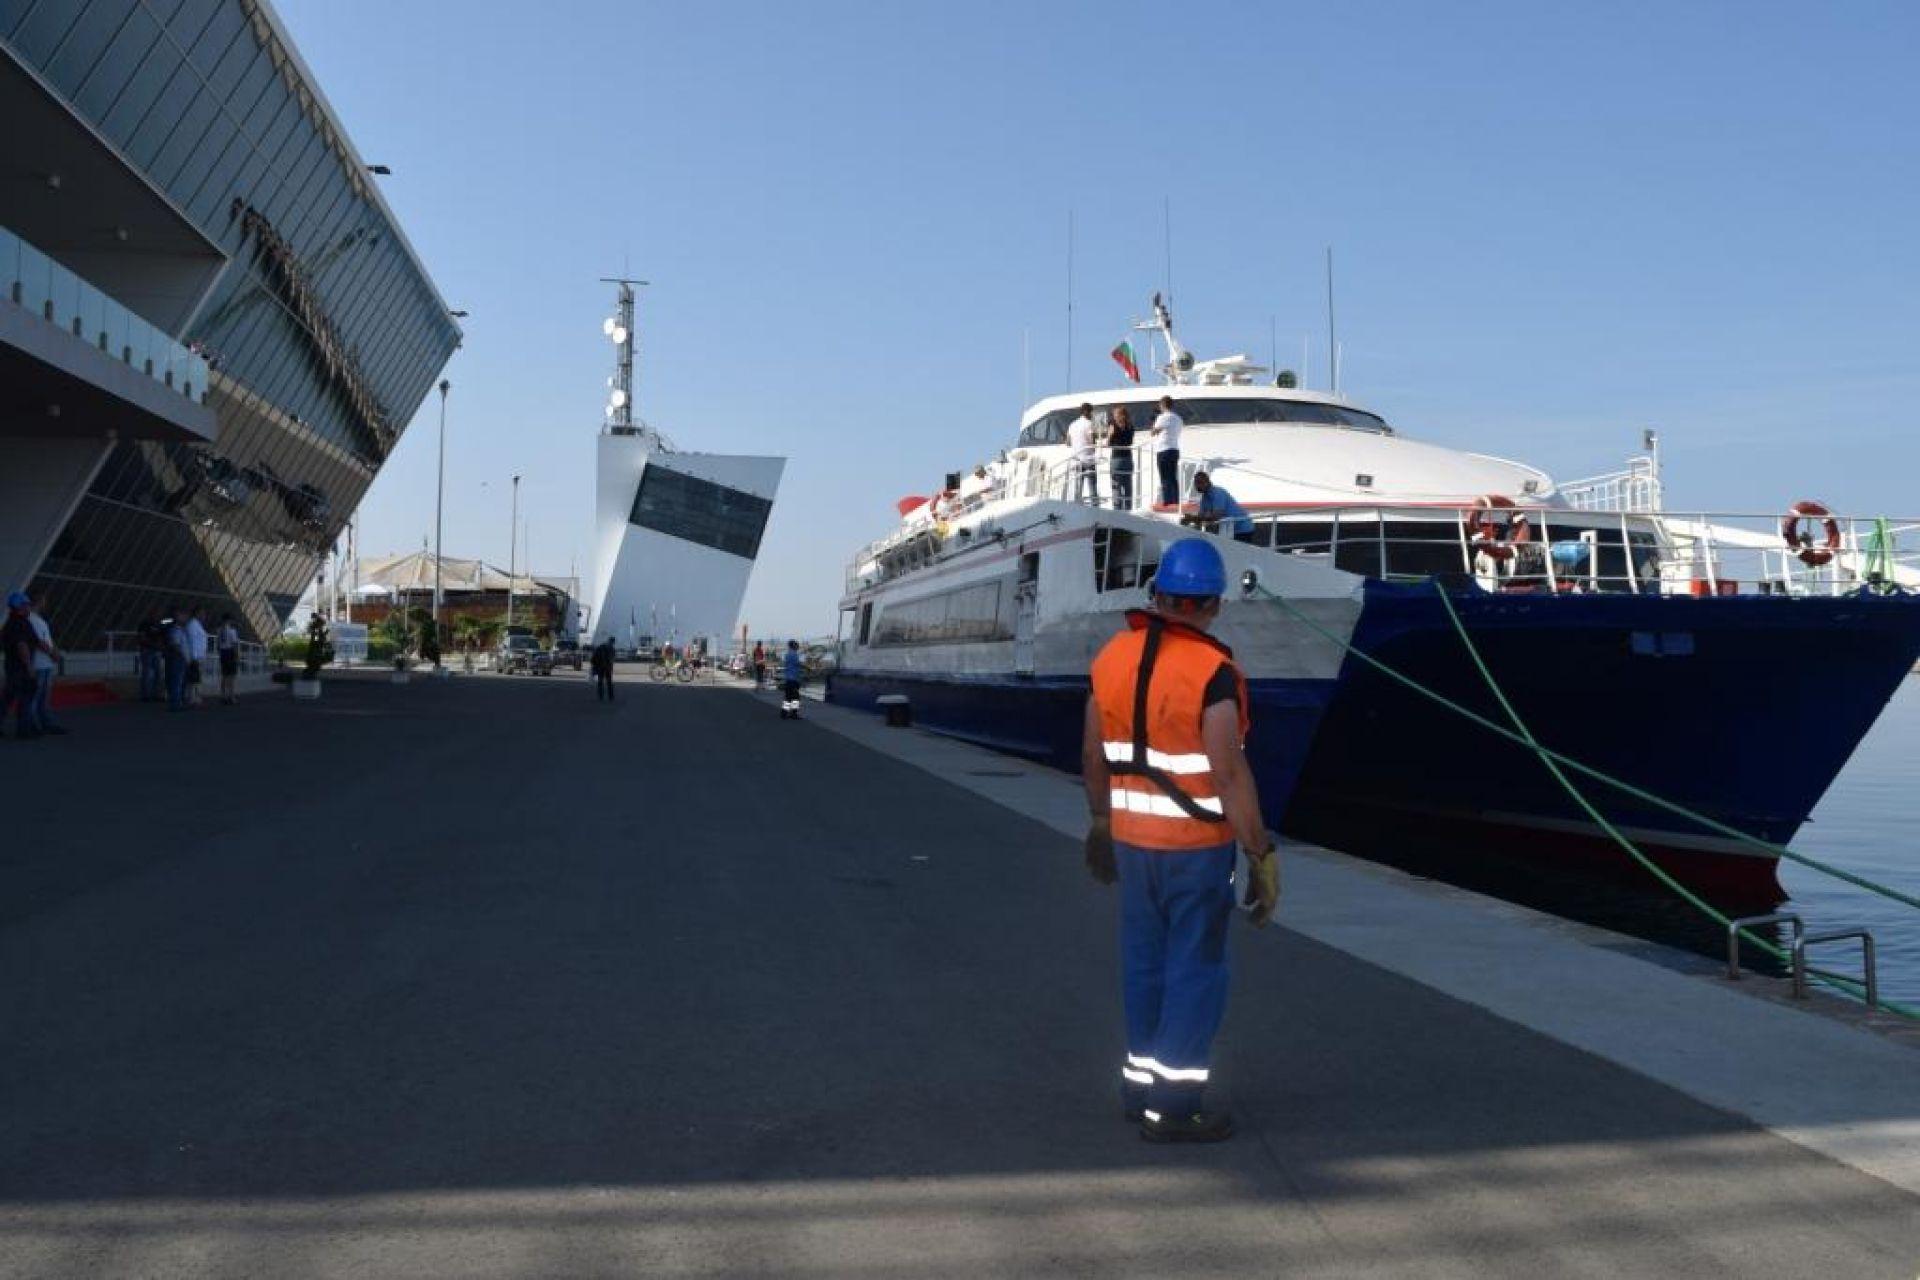 Успешно тестово плаване от Бургас до Инеада - 19.06.2019